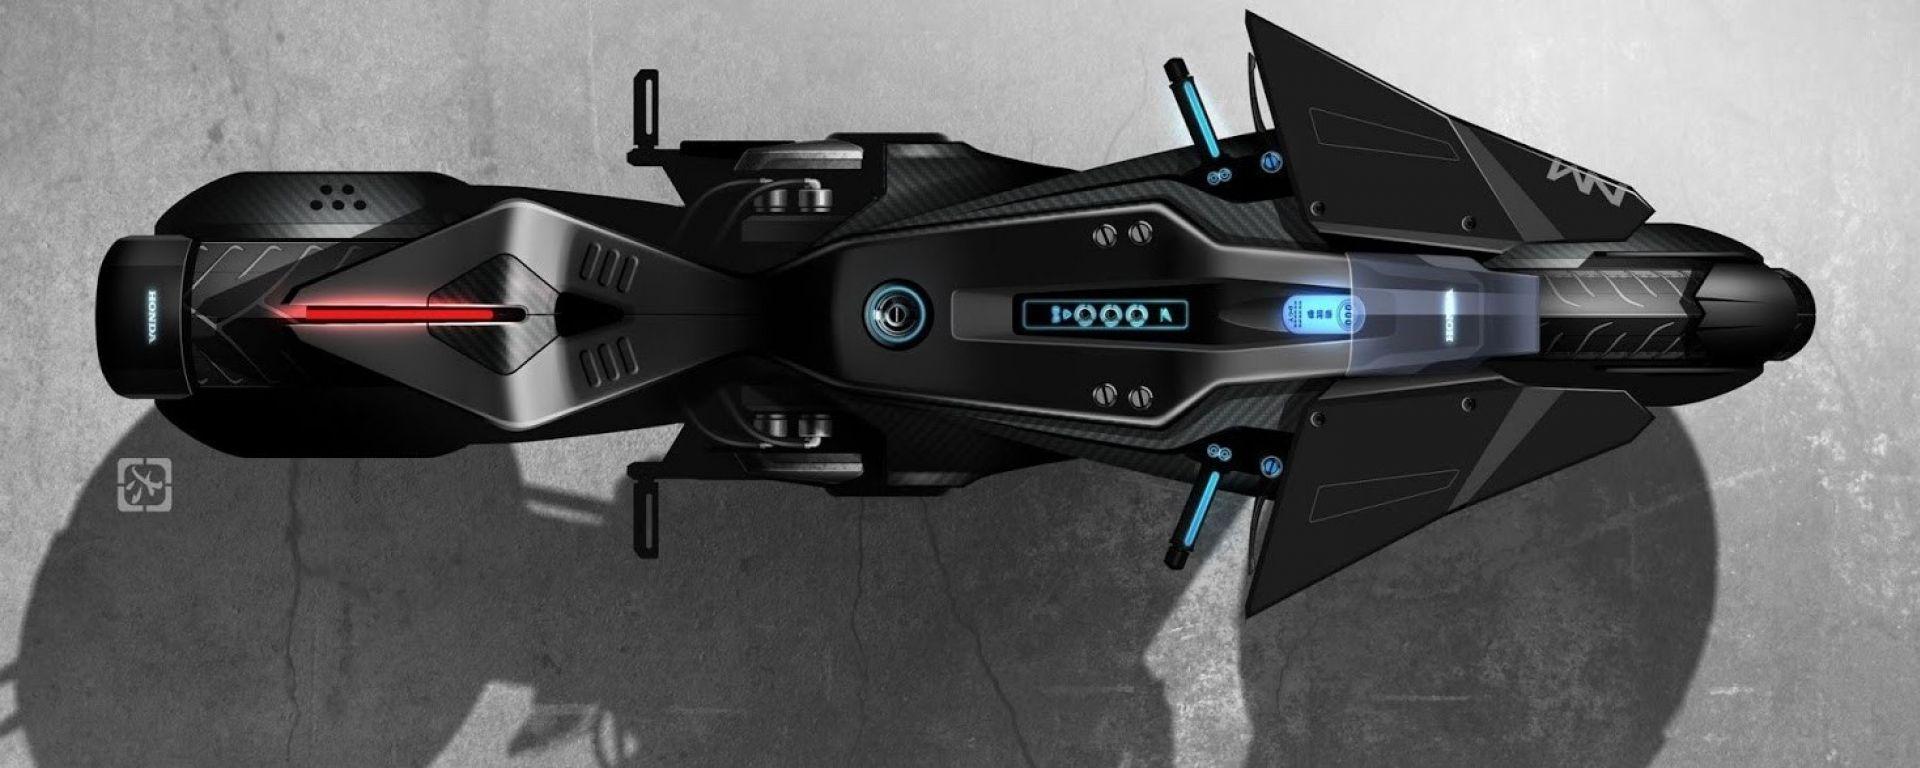 La concept Honda per Ghost in the shell vista dall'alto